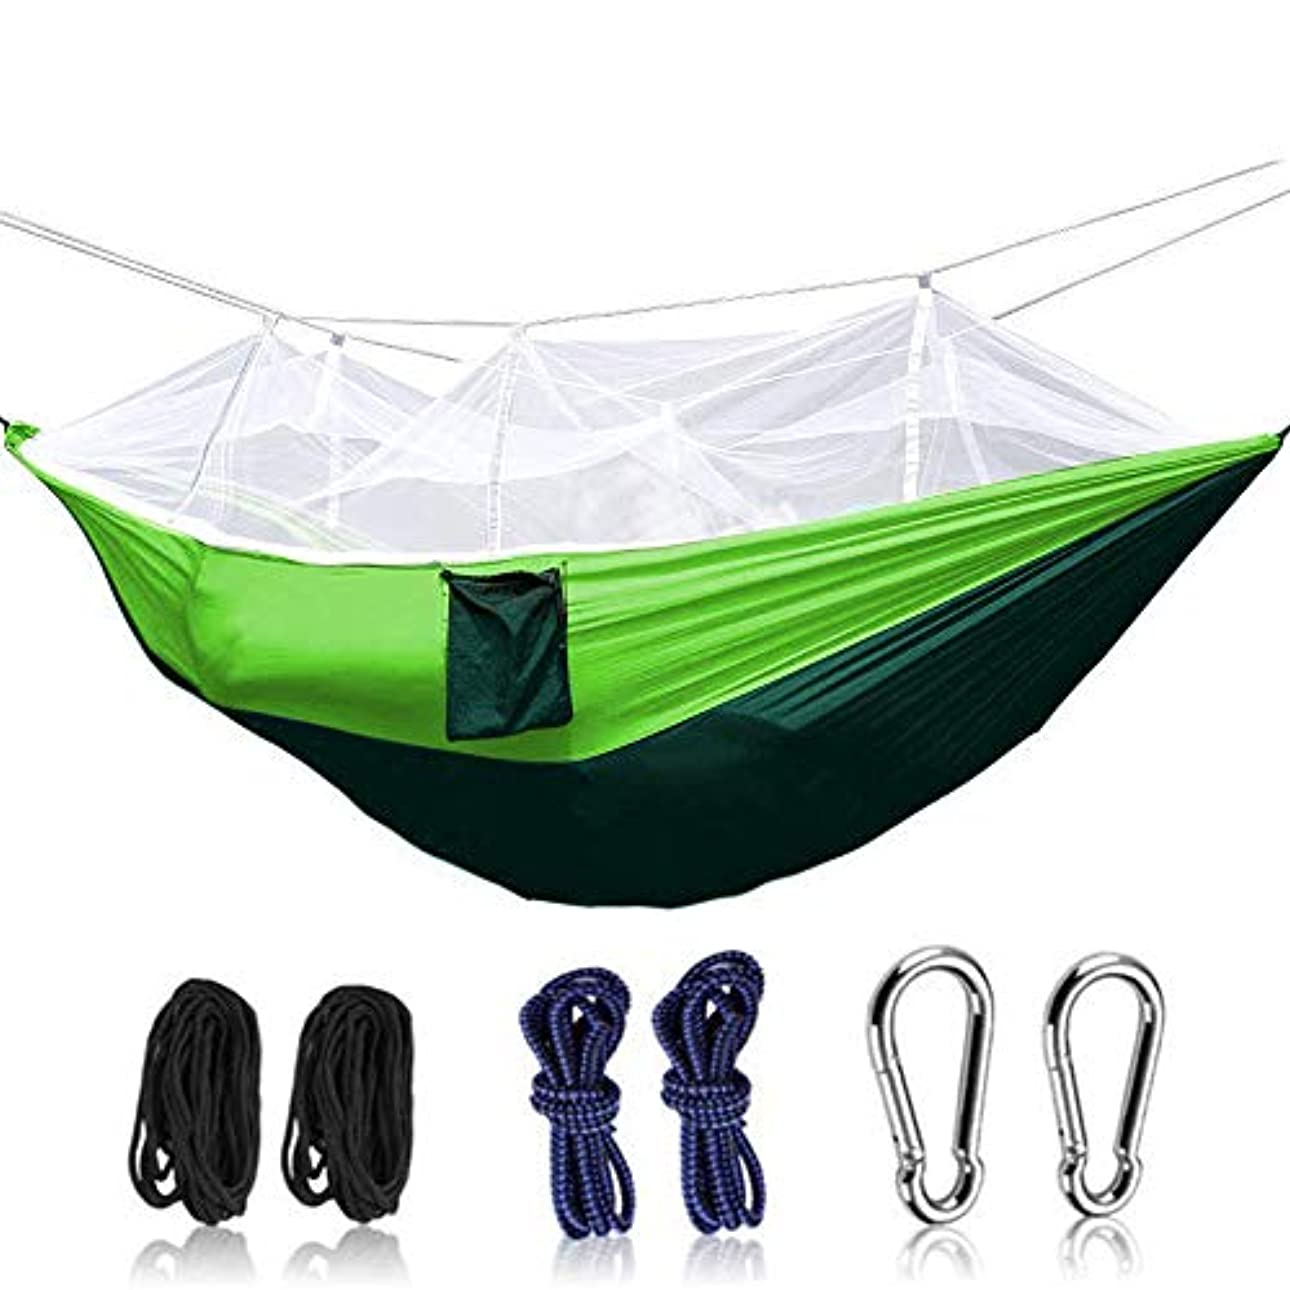 整理するガイドライン未就学ハンモック 蚊帳付き パラシュート折畳み可 持ち運び簡単270×140cm 優れた耐久性と安定性